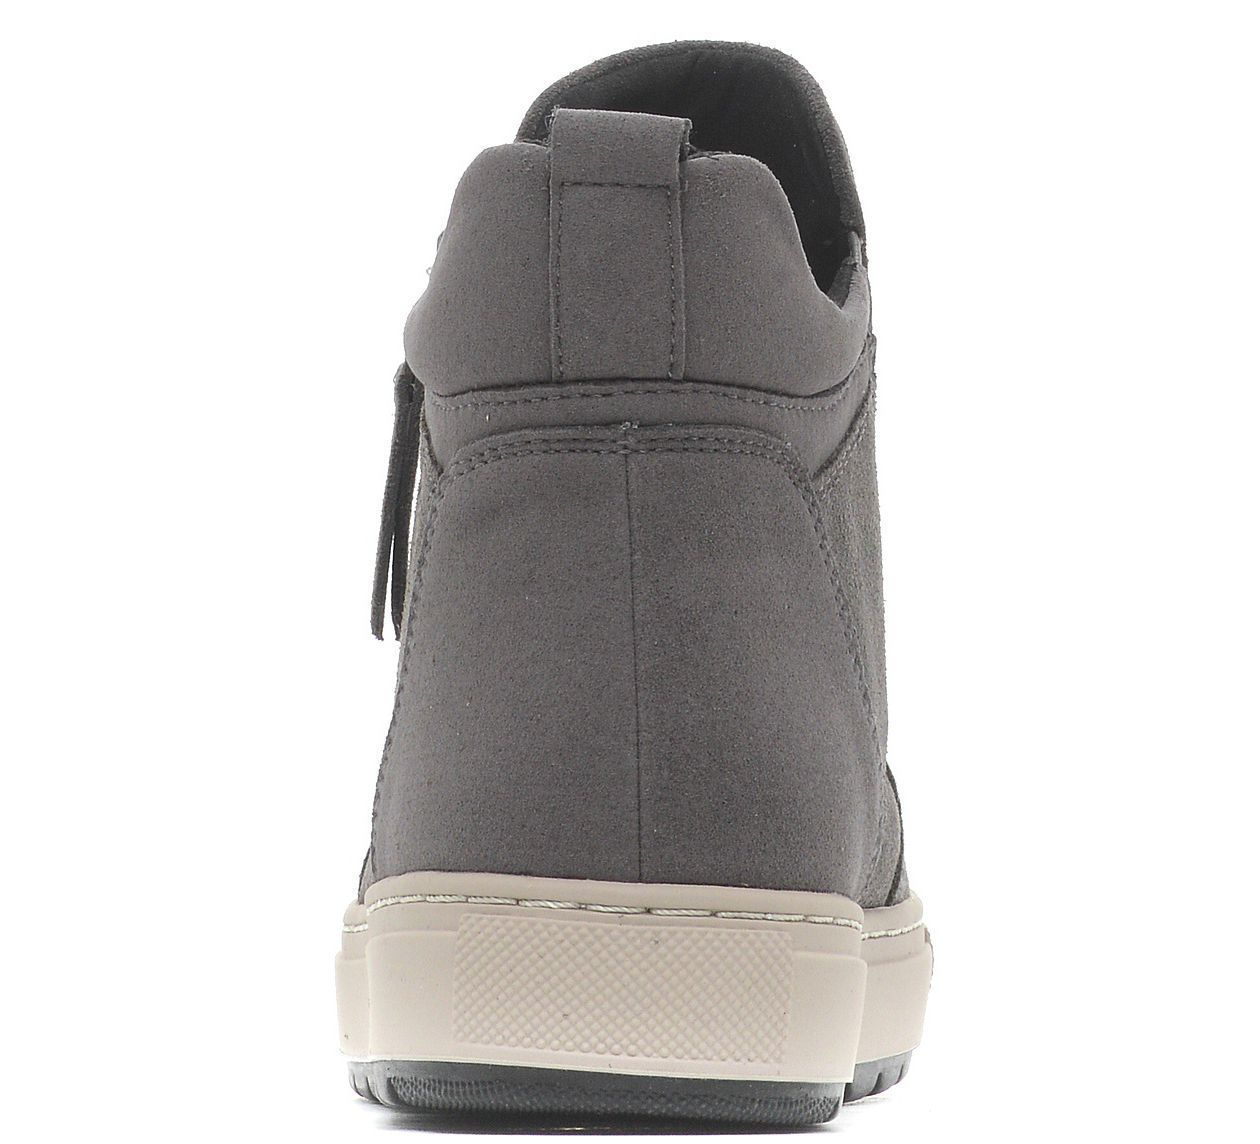 Ботинки женские Geox D BREEDA D742QA-00022-C9002 фото, купить, 2017